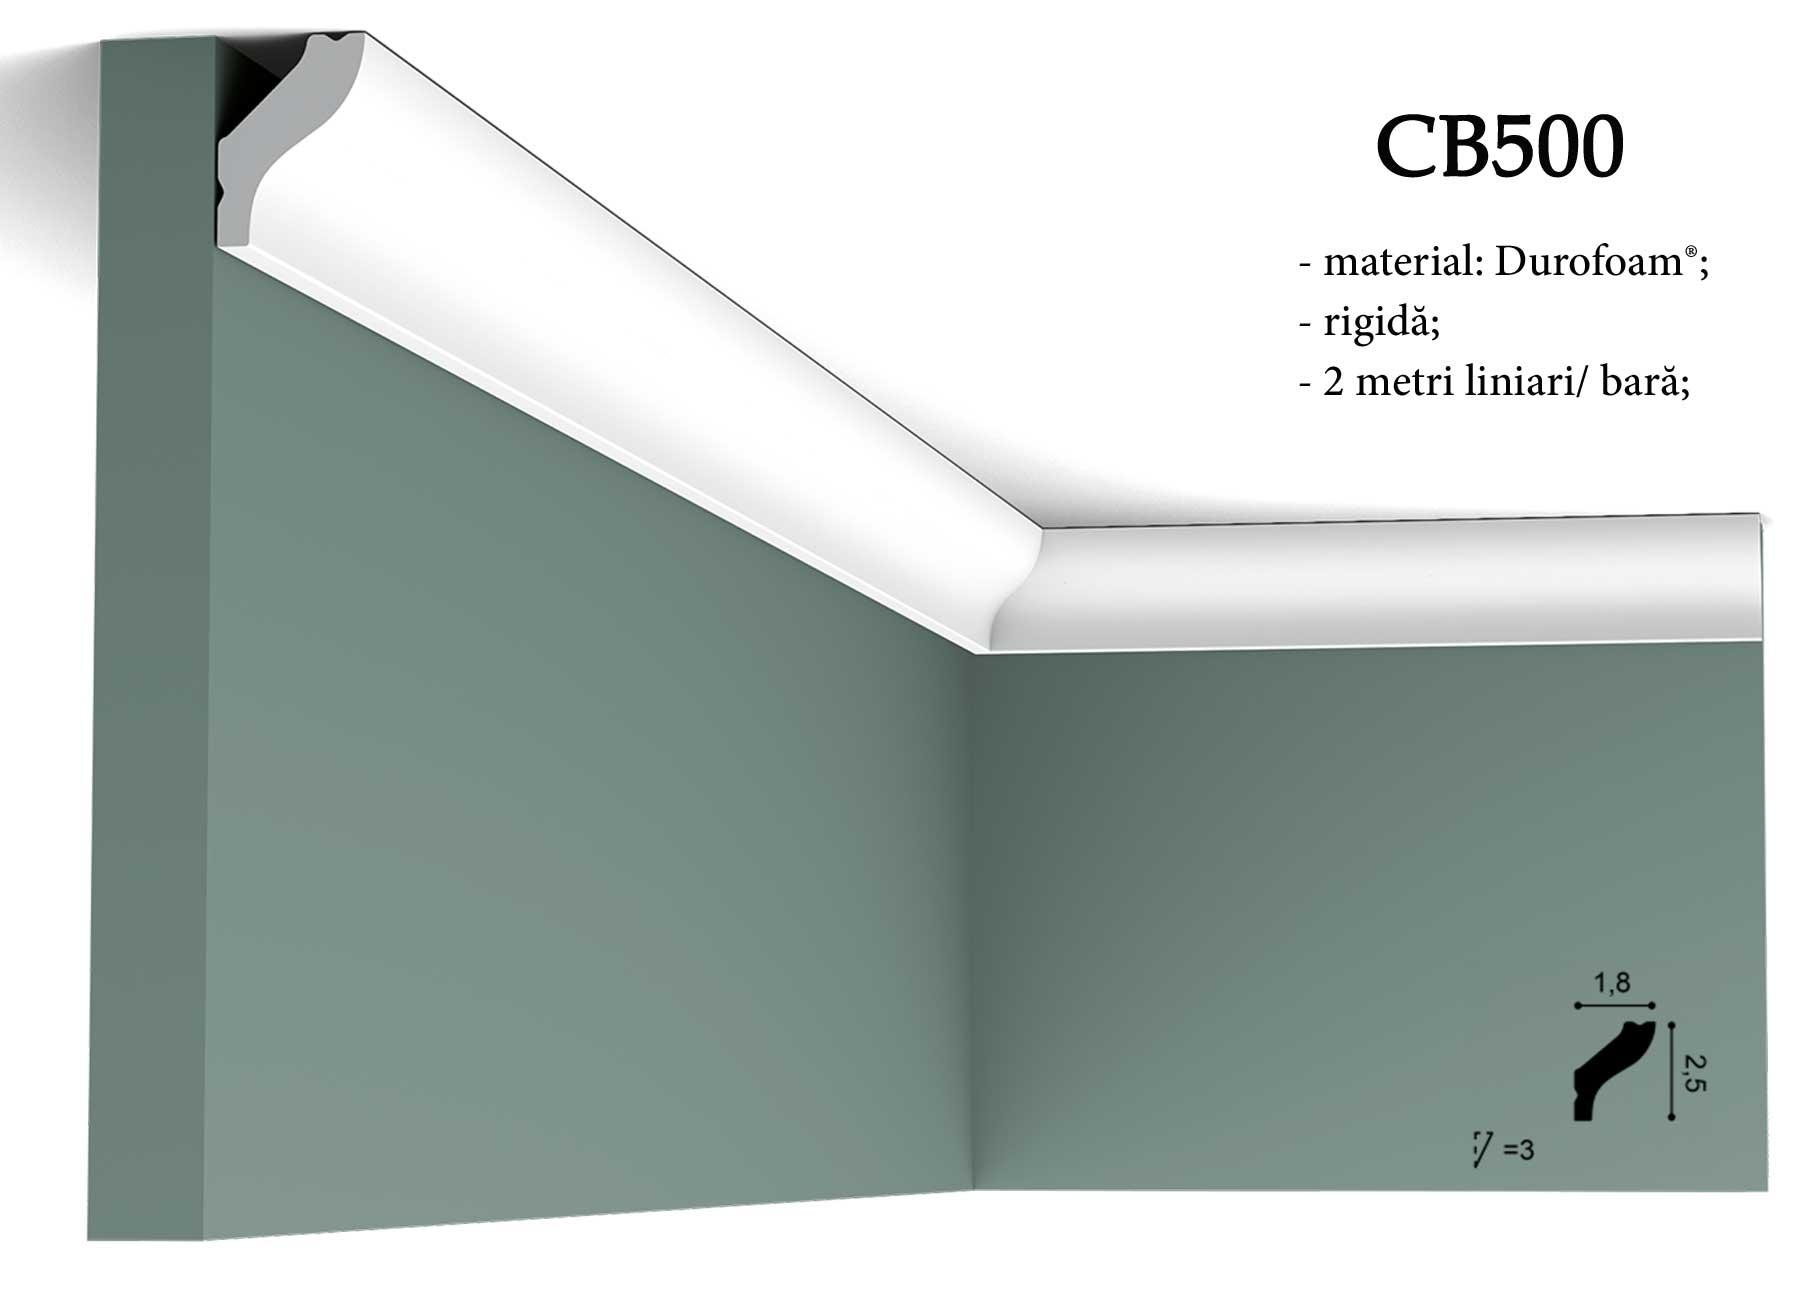 Cornisa decorativa pentru tavan Orac Decor. Terminatie perete CB500